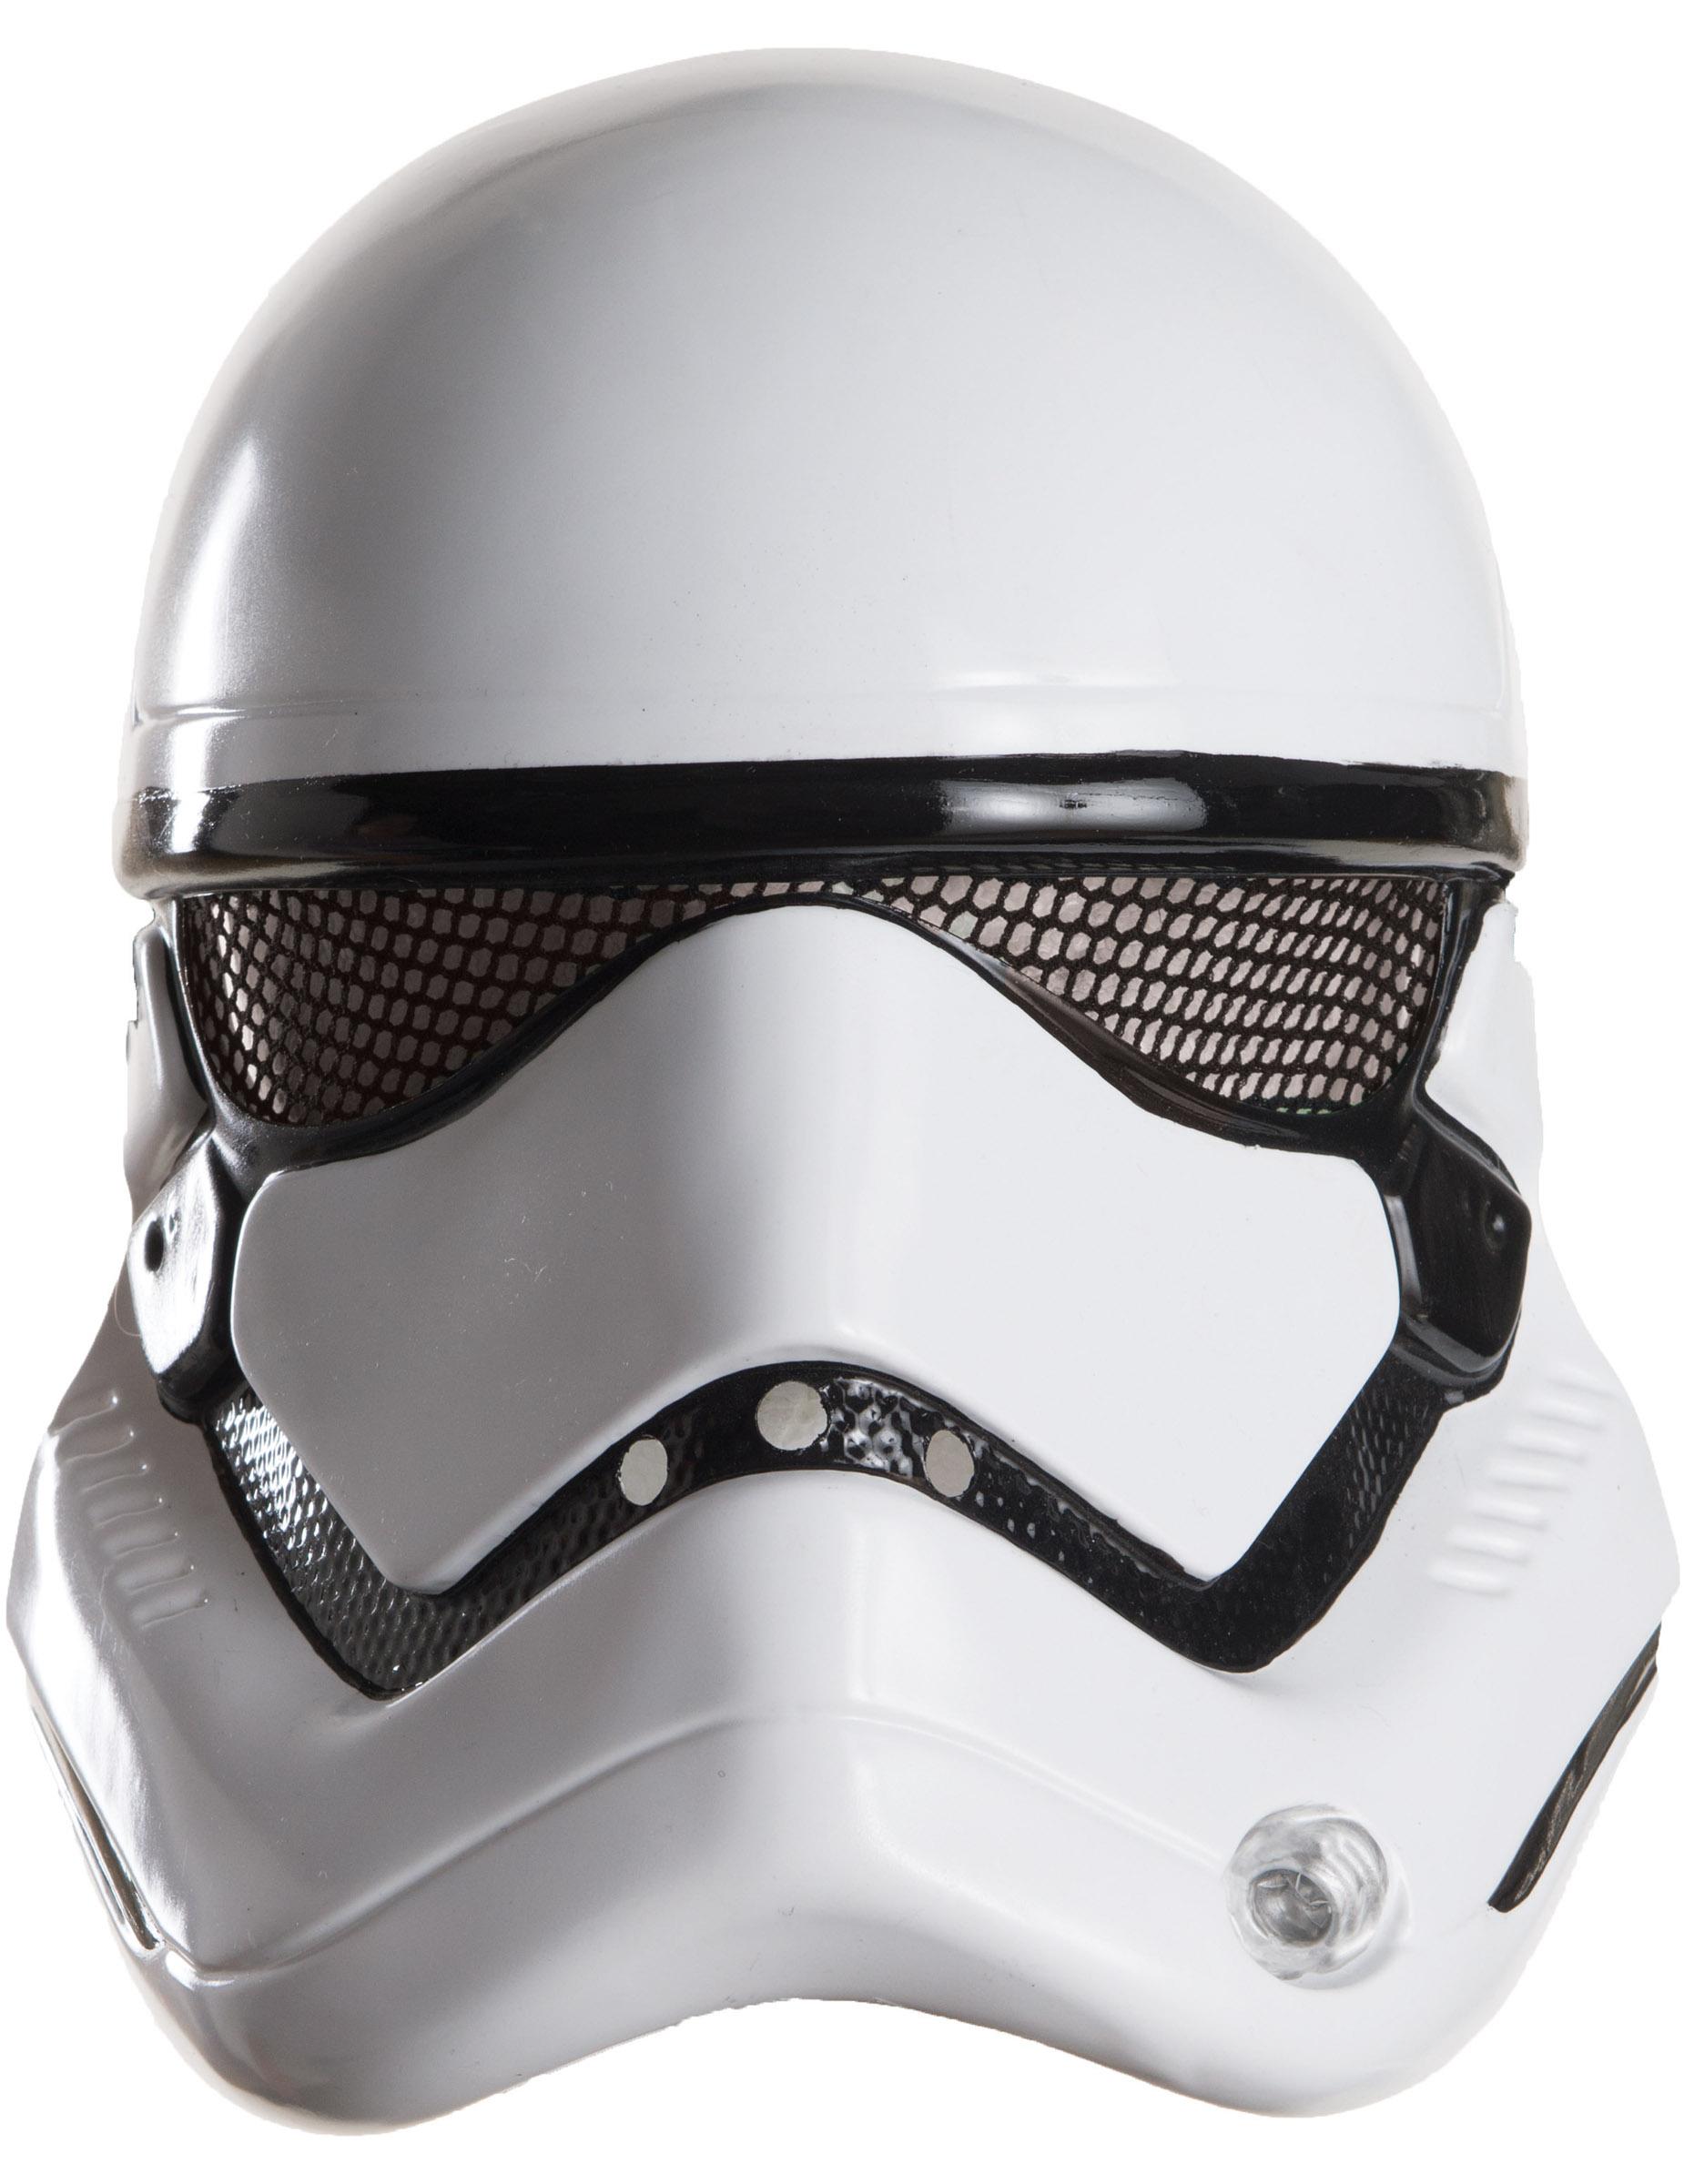 star wars masque